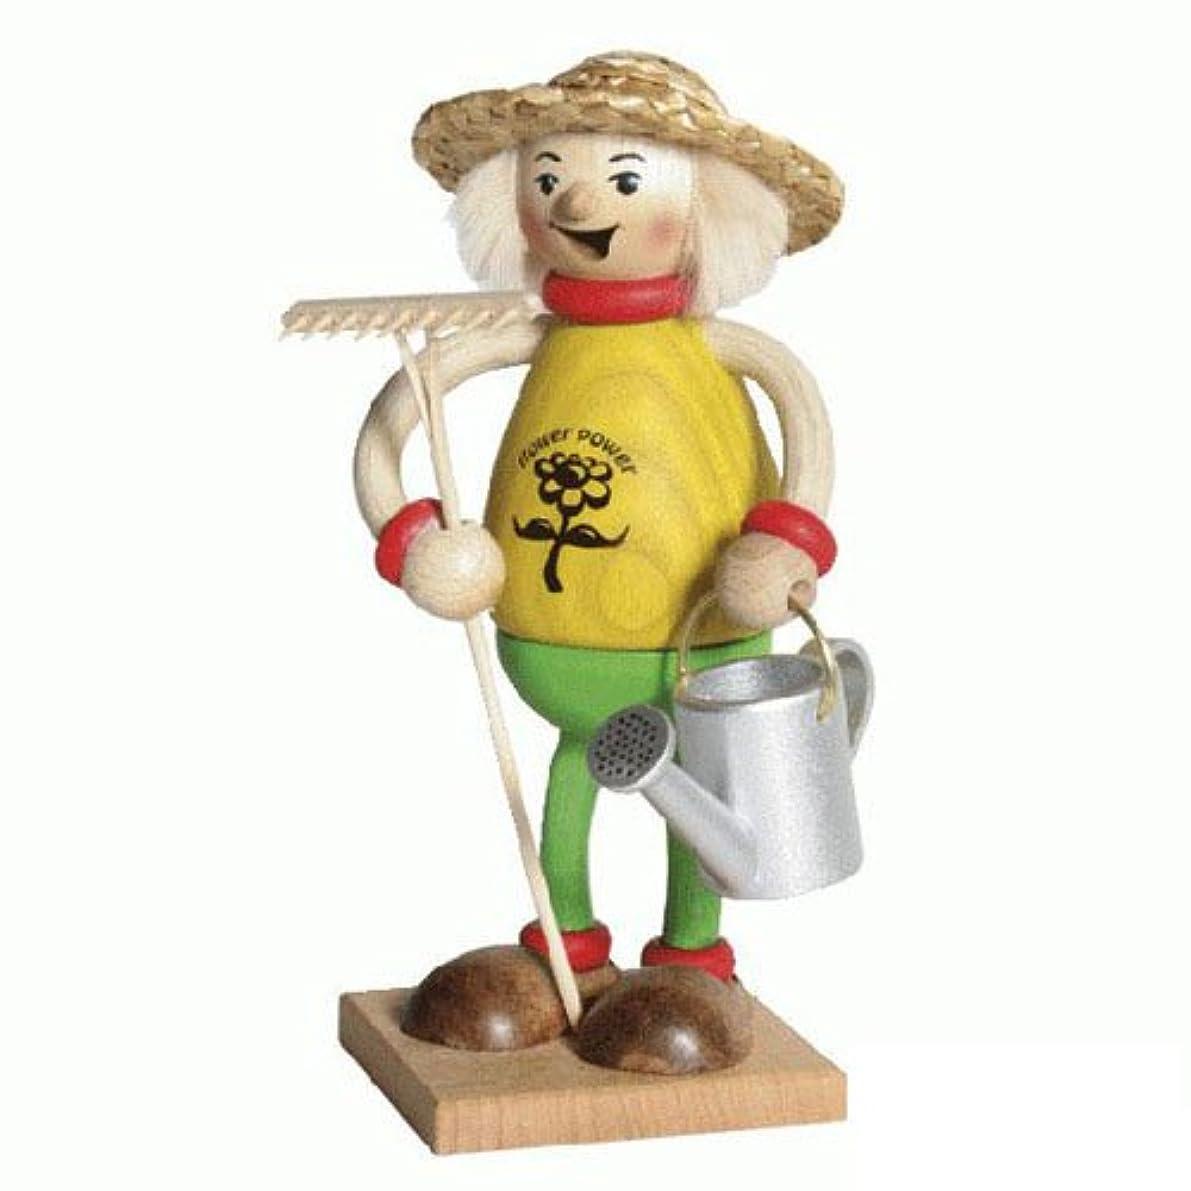 ファックス作業だます39092 Kuhnert(クーネルト) ミニパイプ人形香炉 ガーデニング